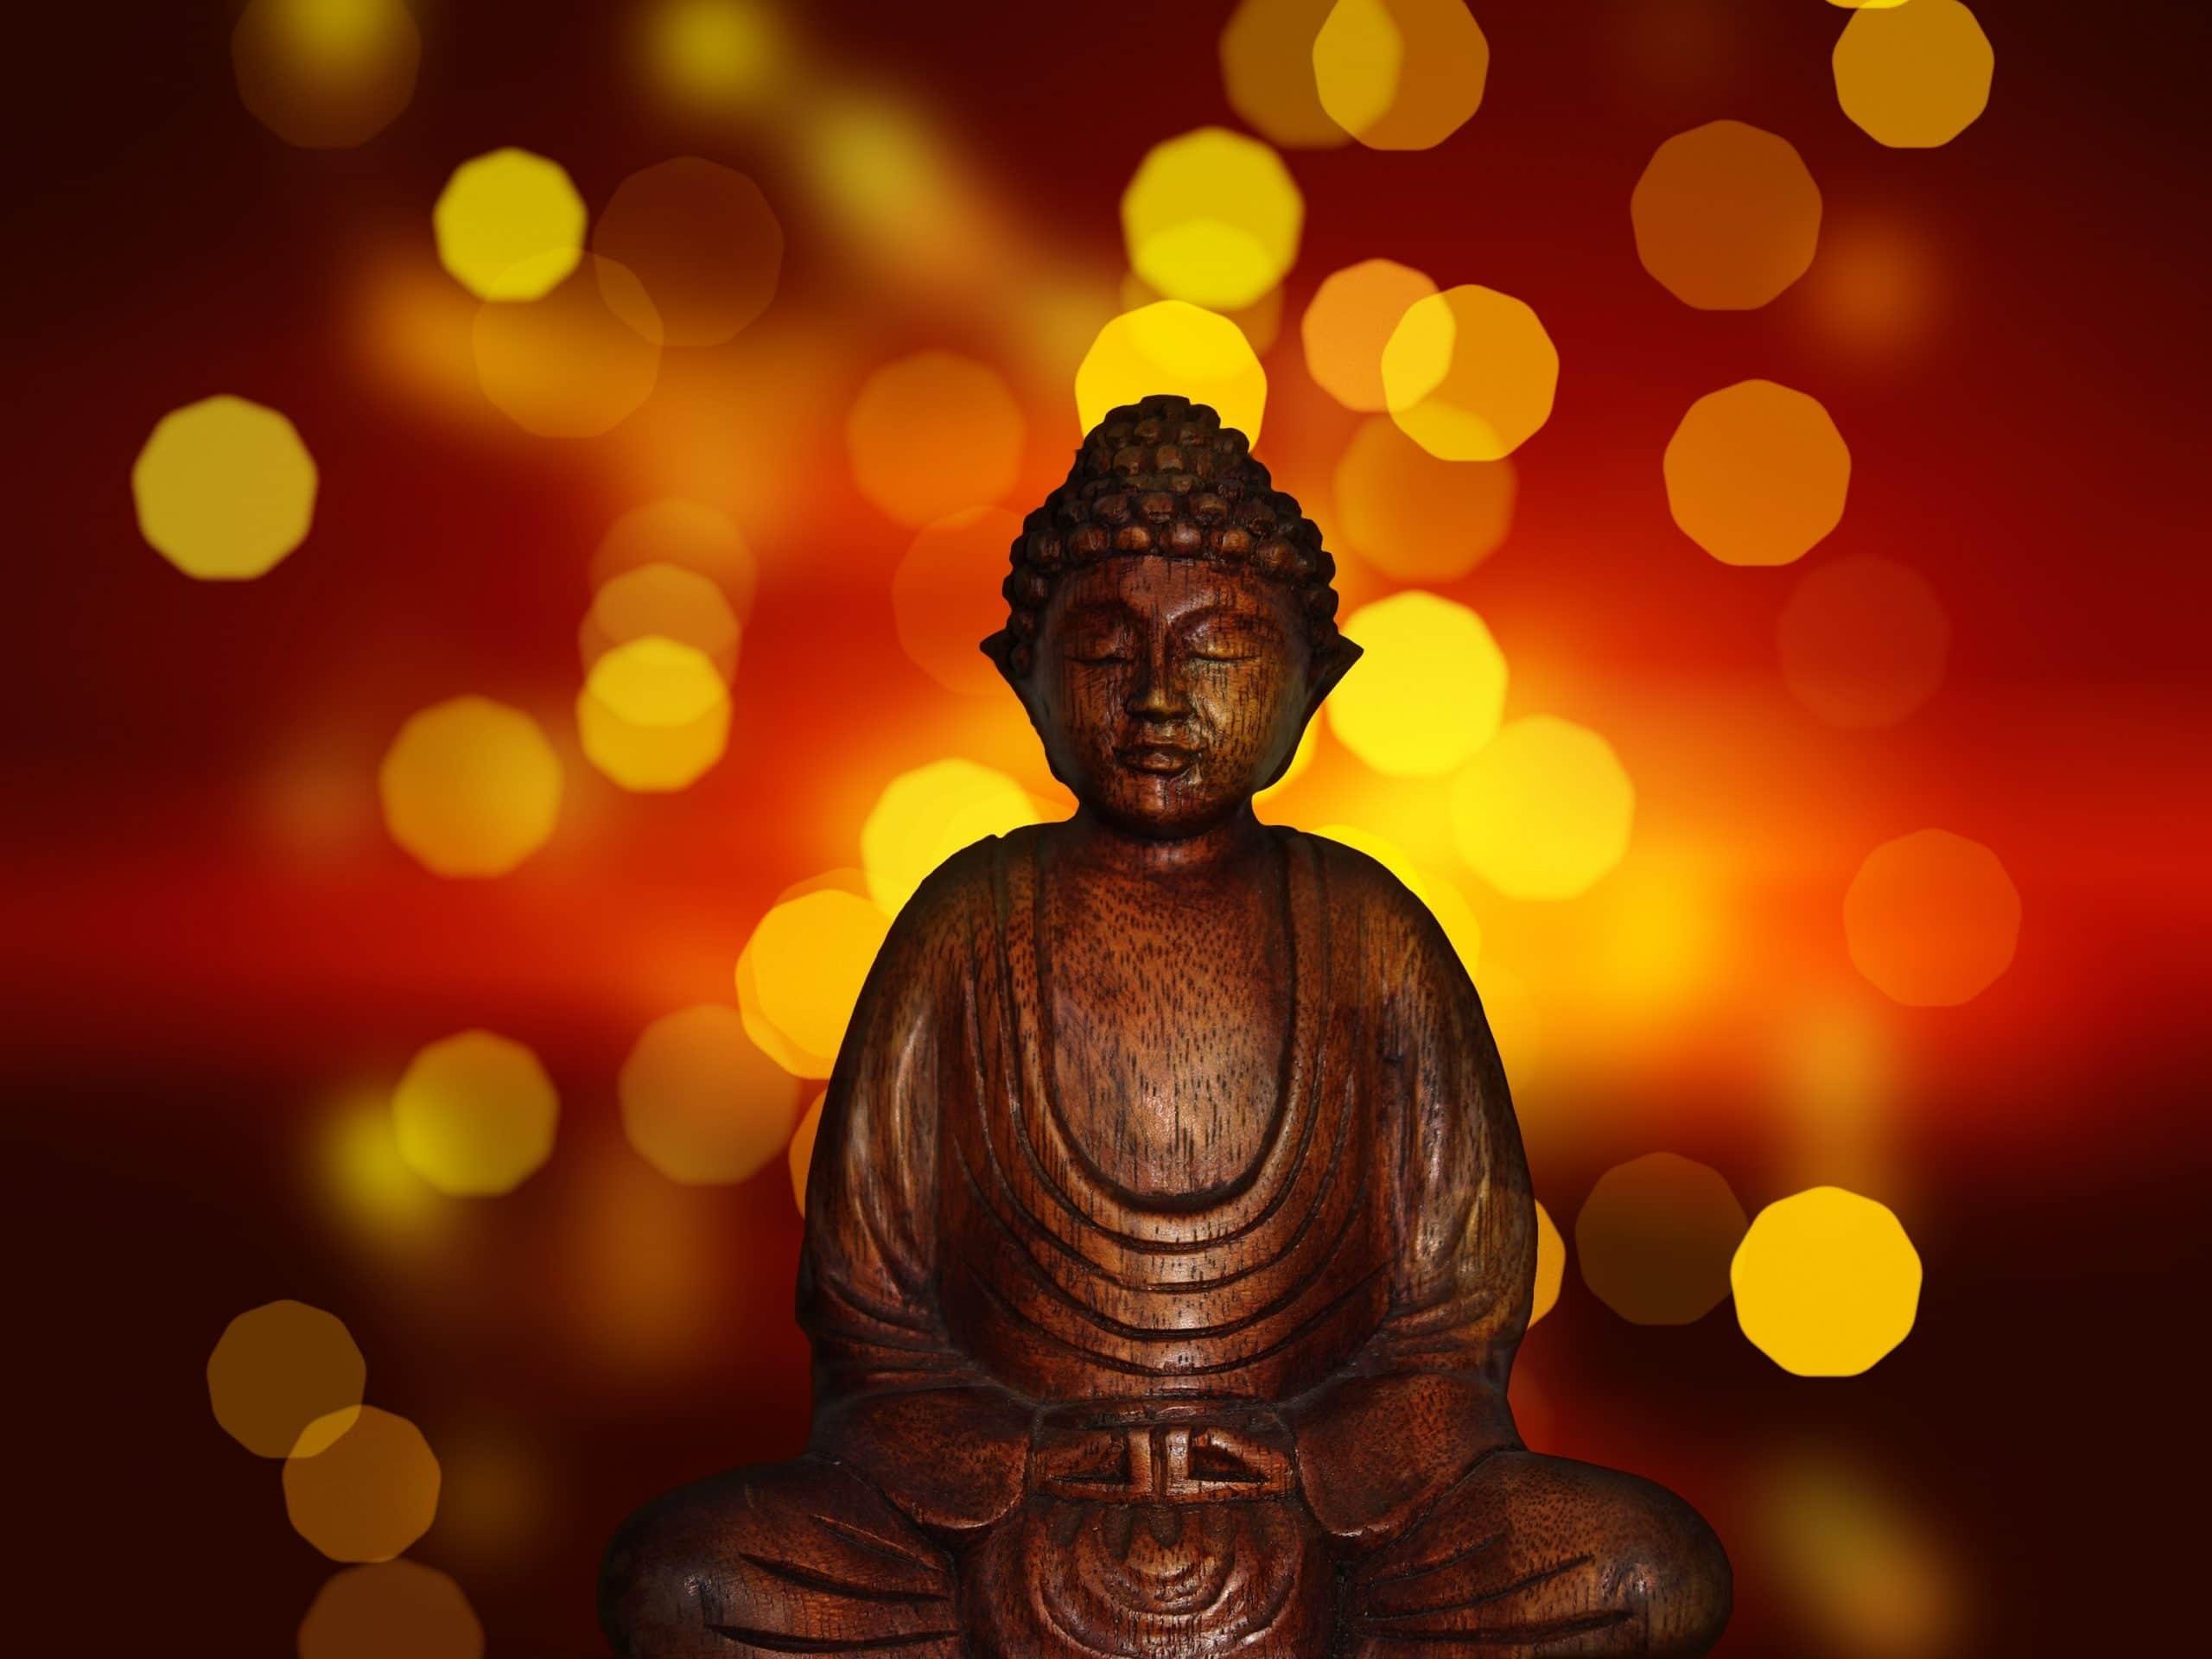 Escultura de Buda meditando em frente a um fundo iluminado.